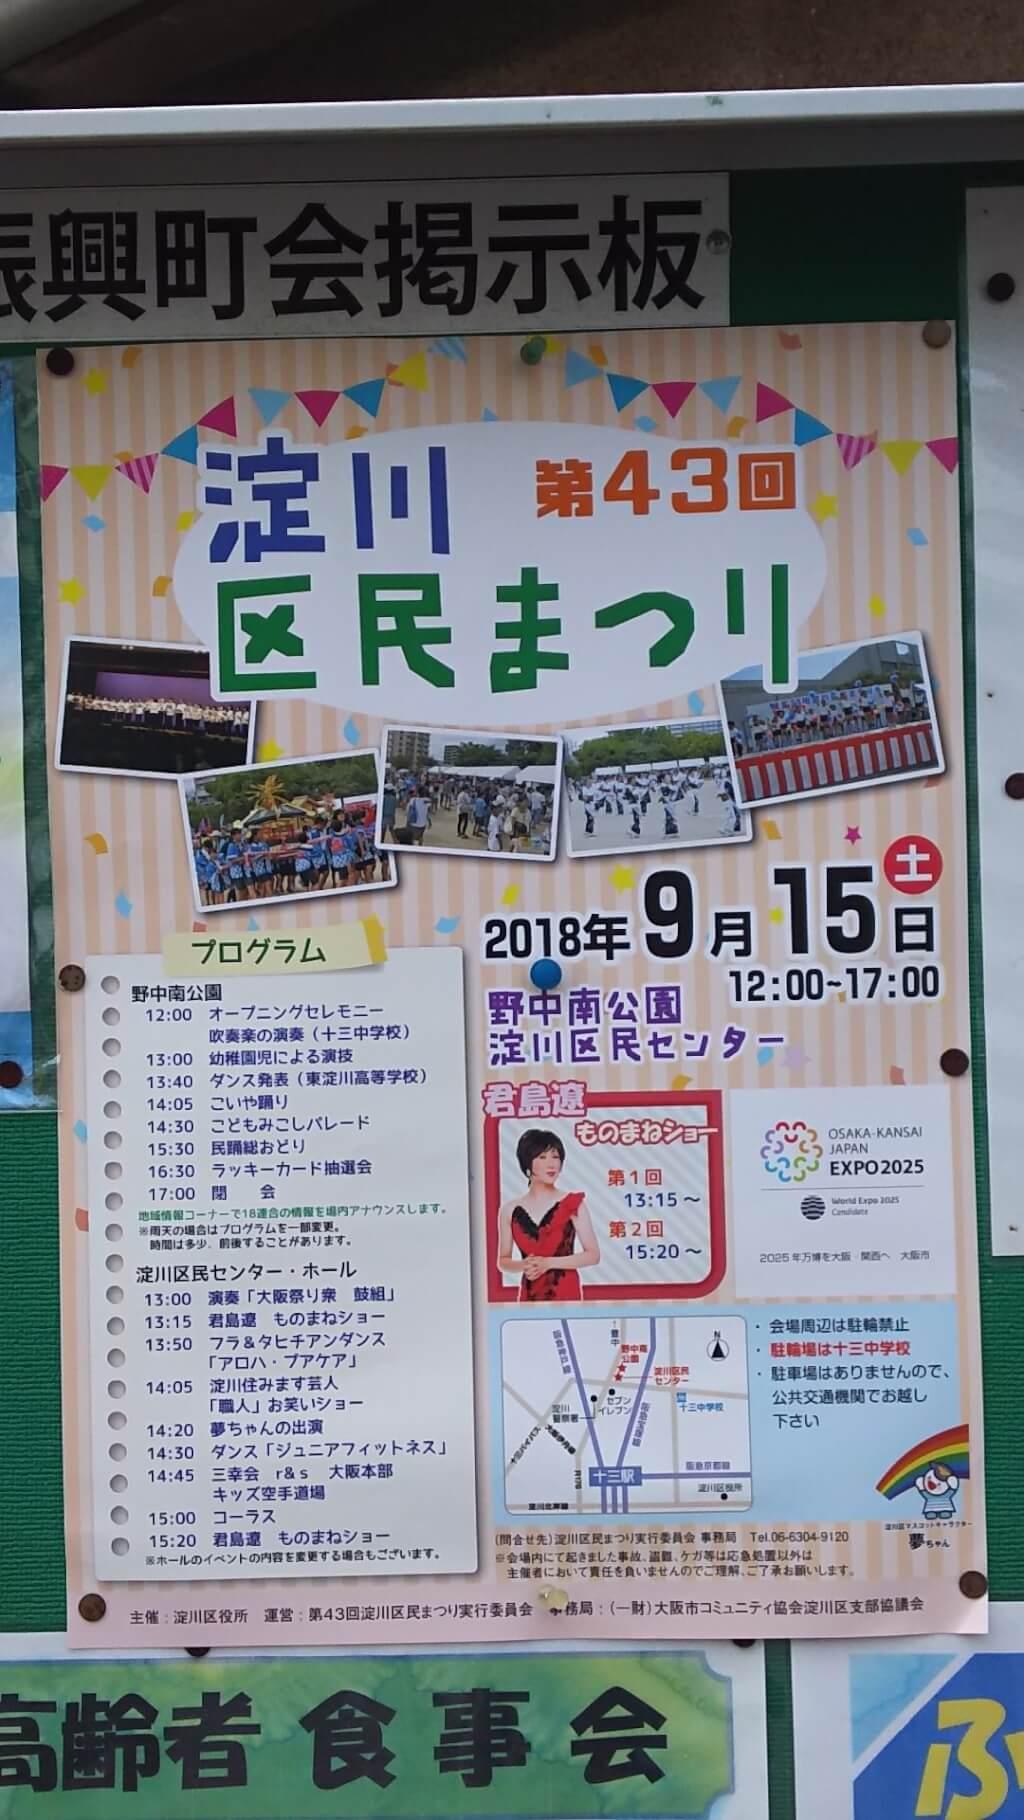 淀川区民まつり 2018 お知らせ